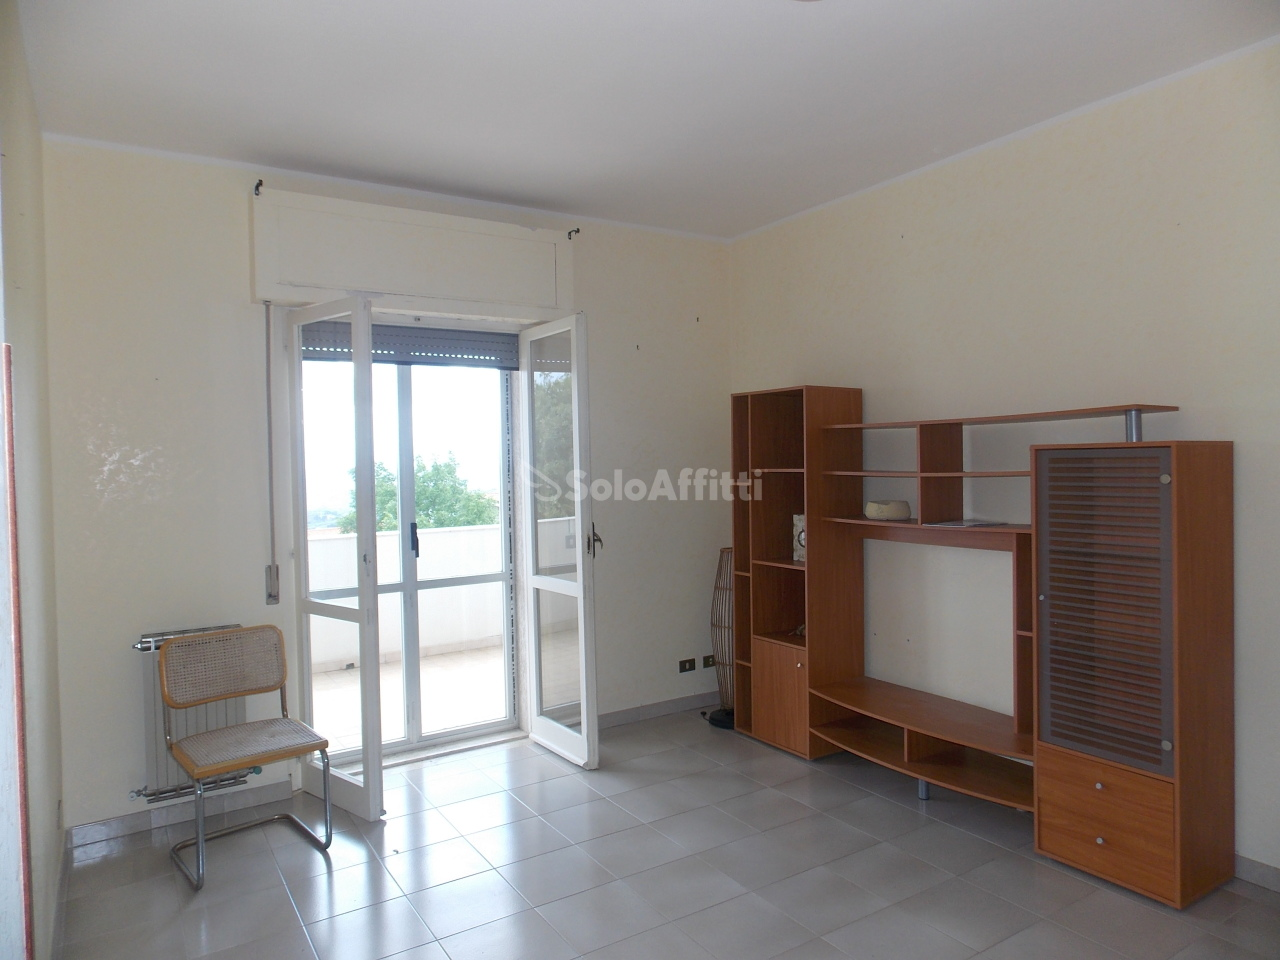 Bilocale in buone condizioni arredato in affitto Rif. 9794445